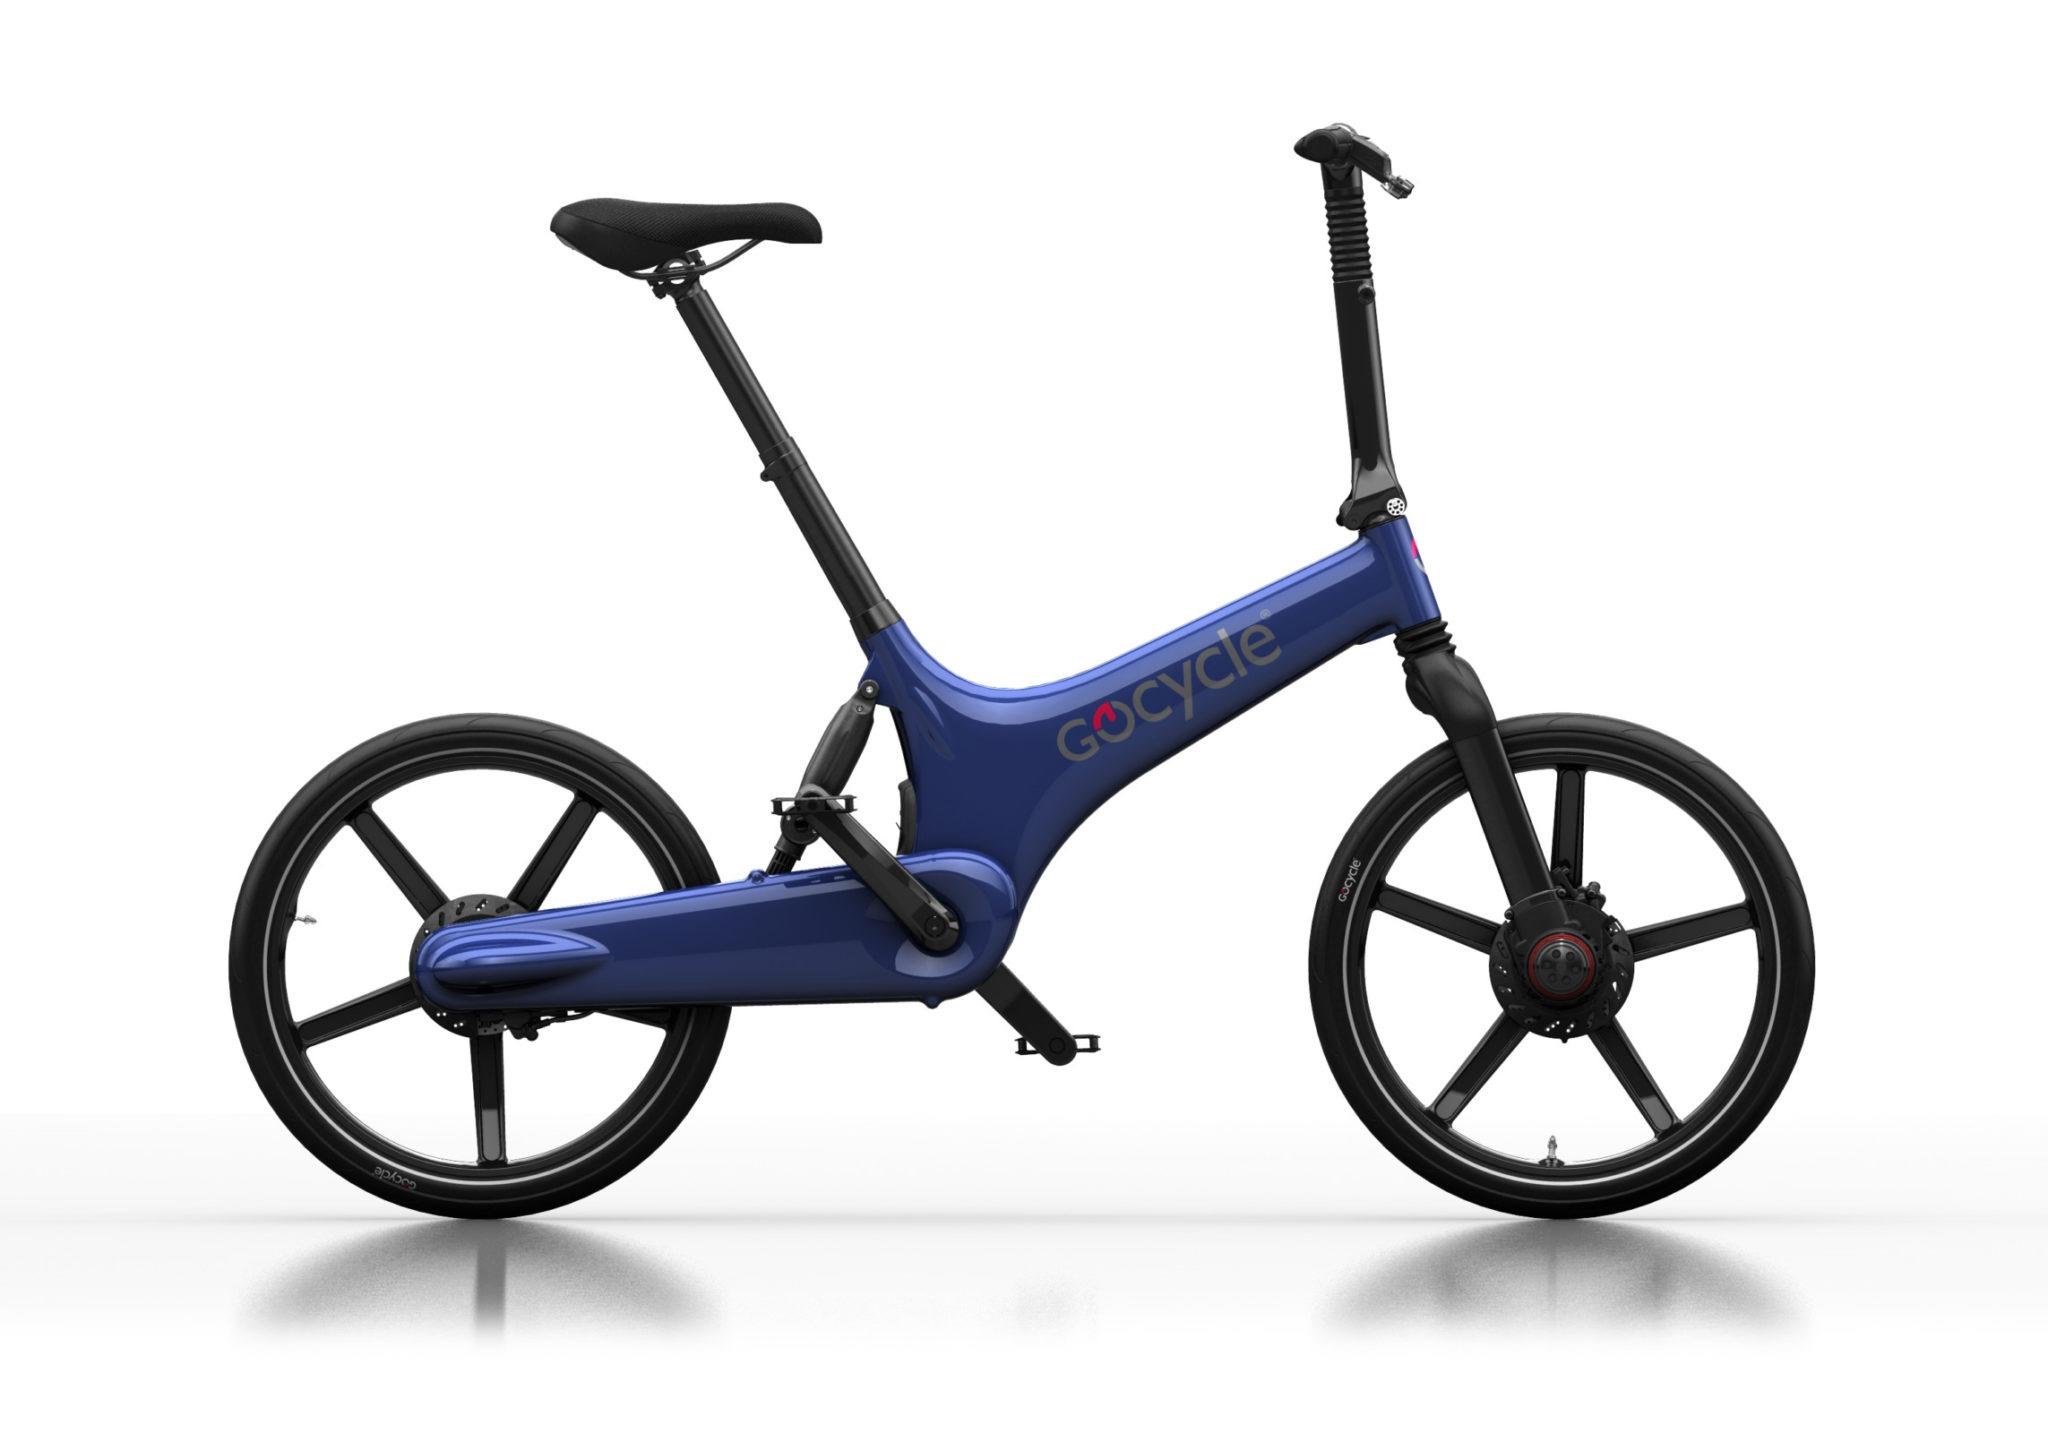 Gocycle G3 modre barve